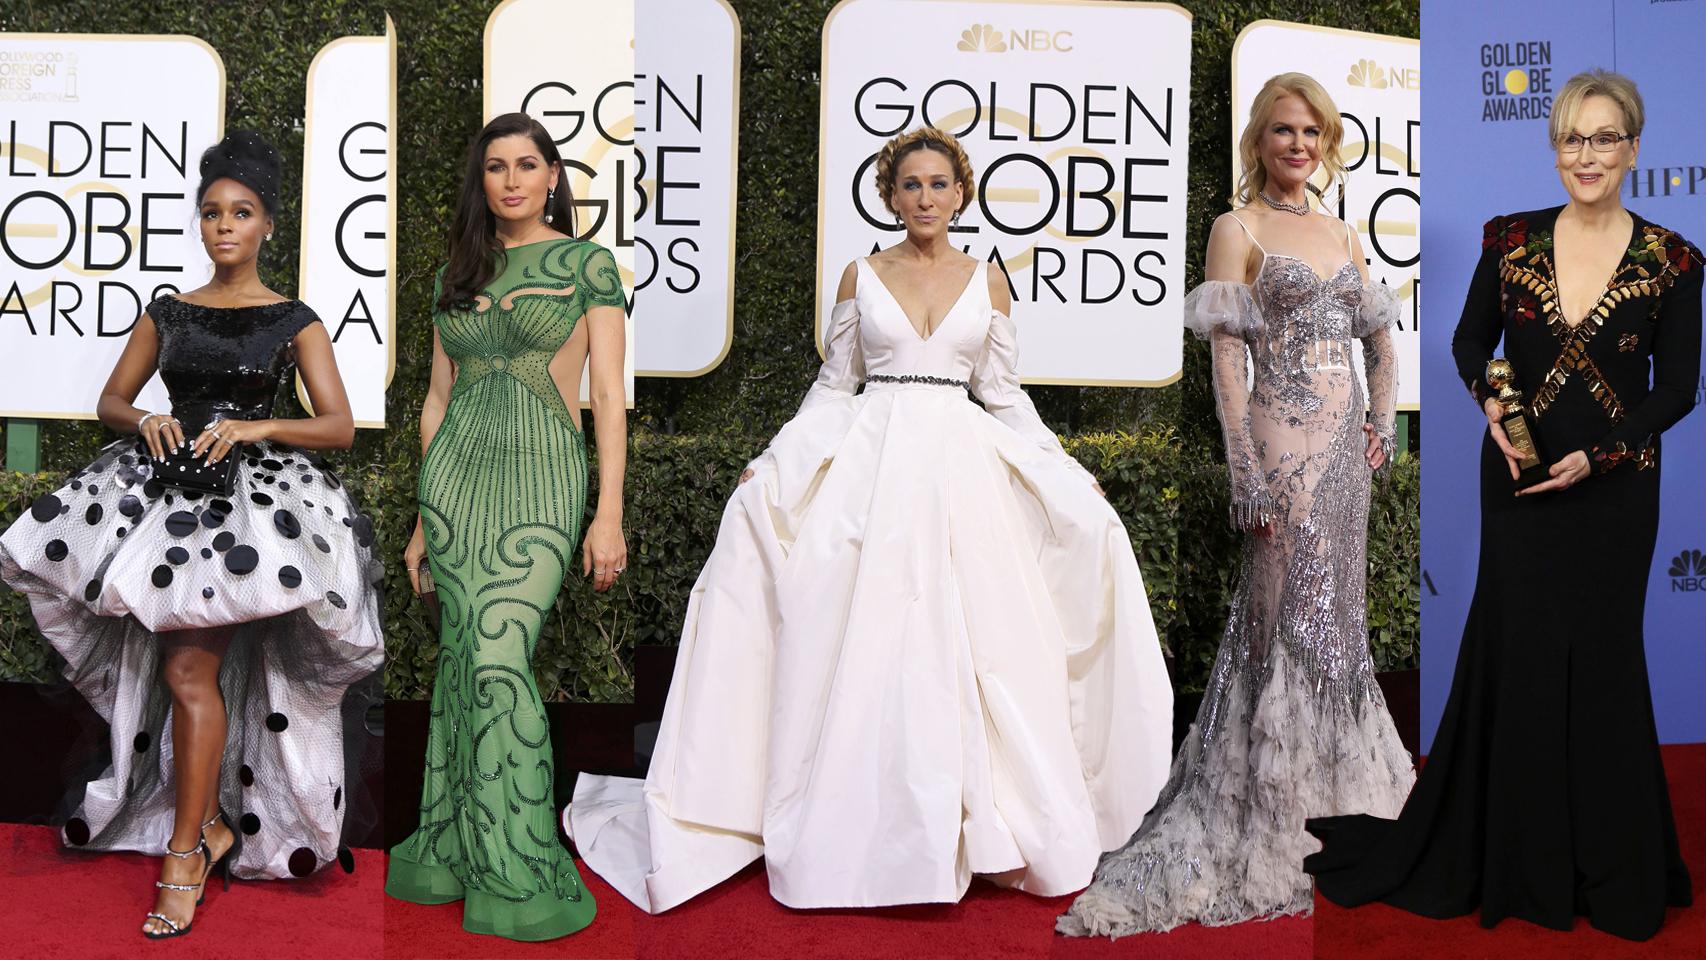 Janelle Monae, Trace Lysette, Srah Jessica Parker, Nicole Kidman y Meryl Streep